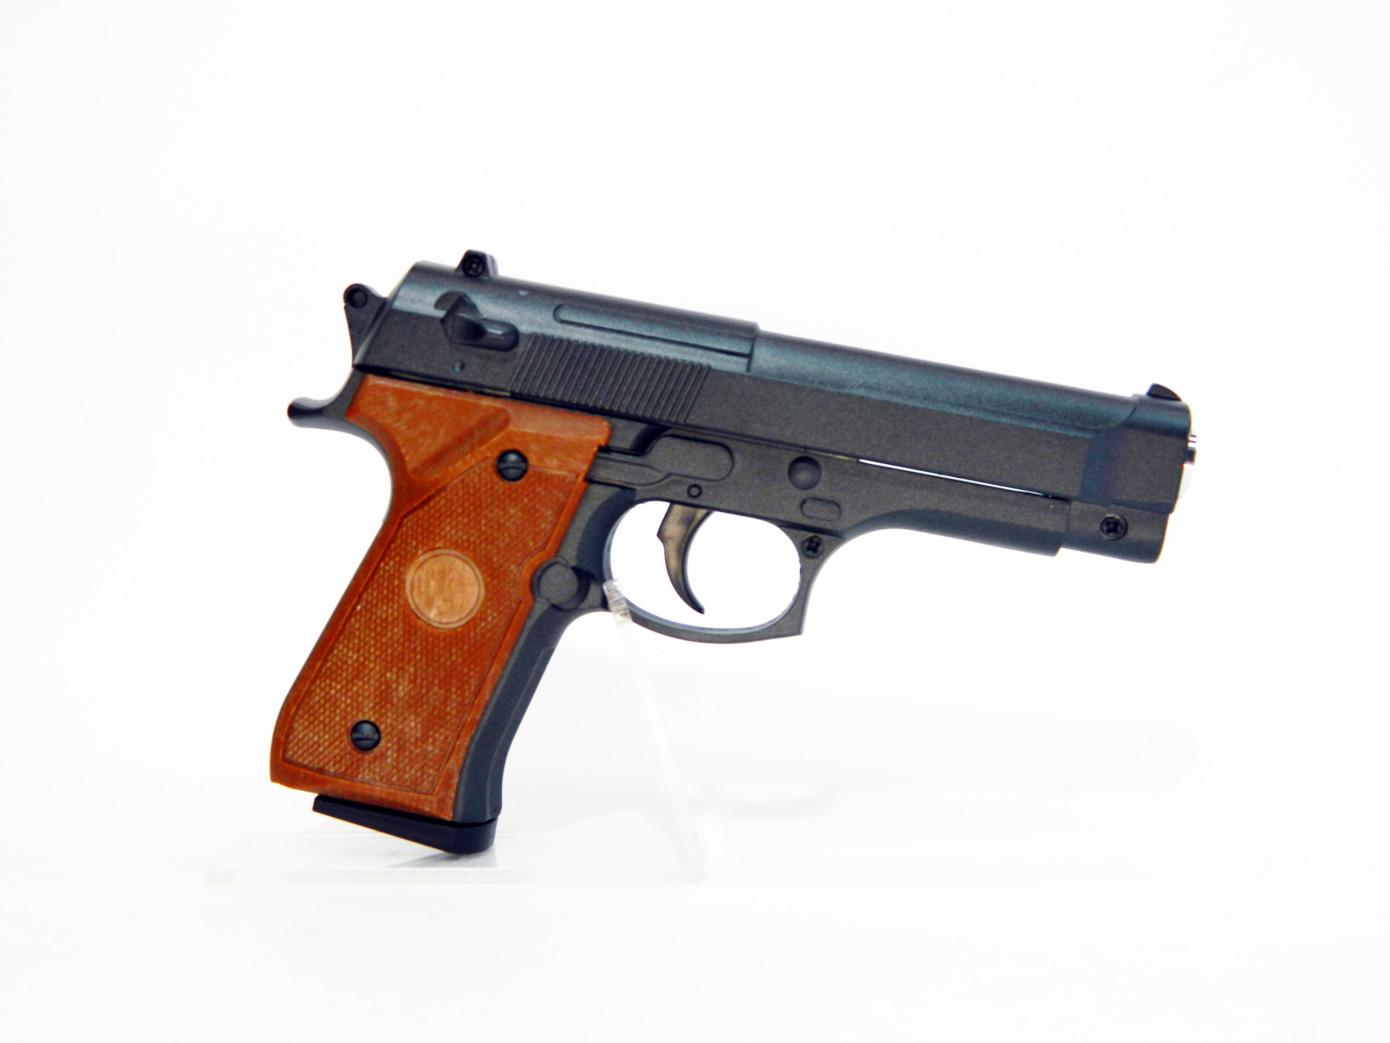 Макет пистолета Beretta 92 mini в натуральную величину